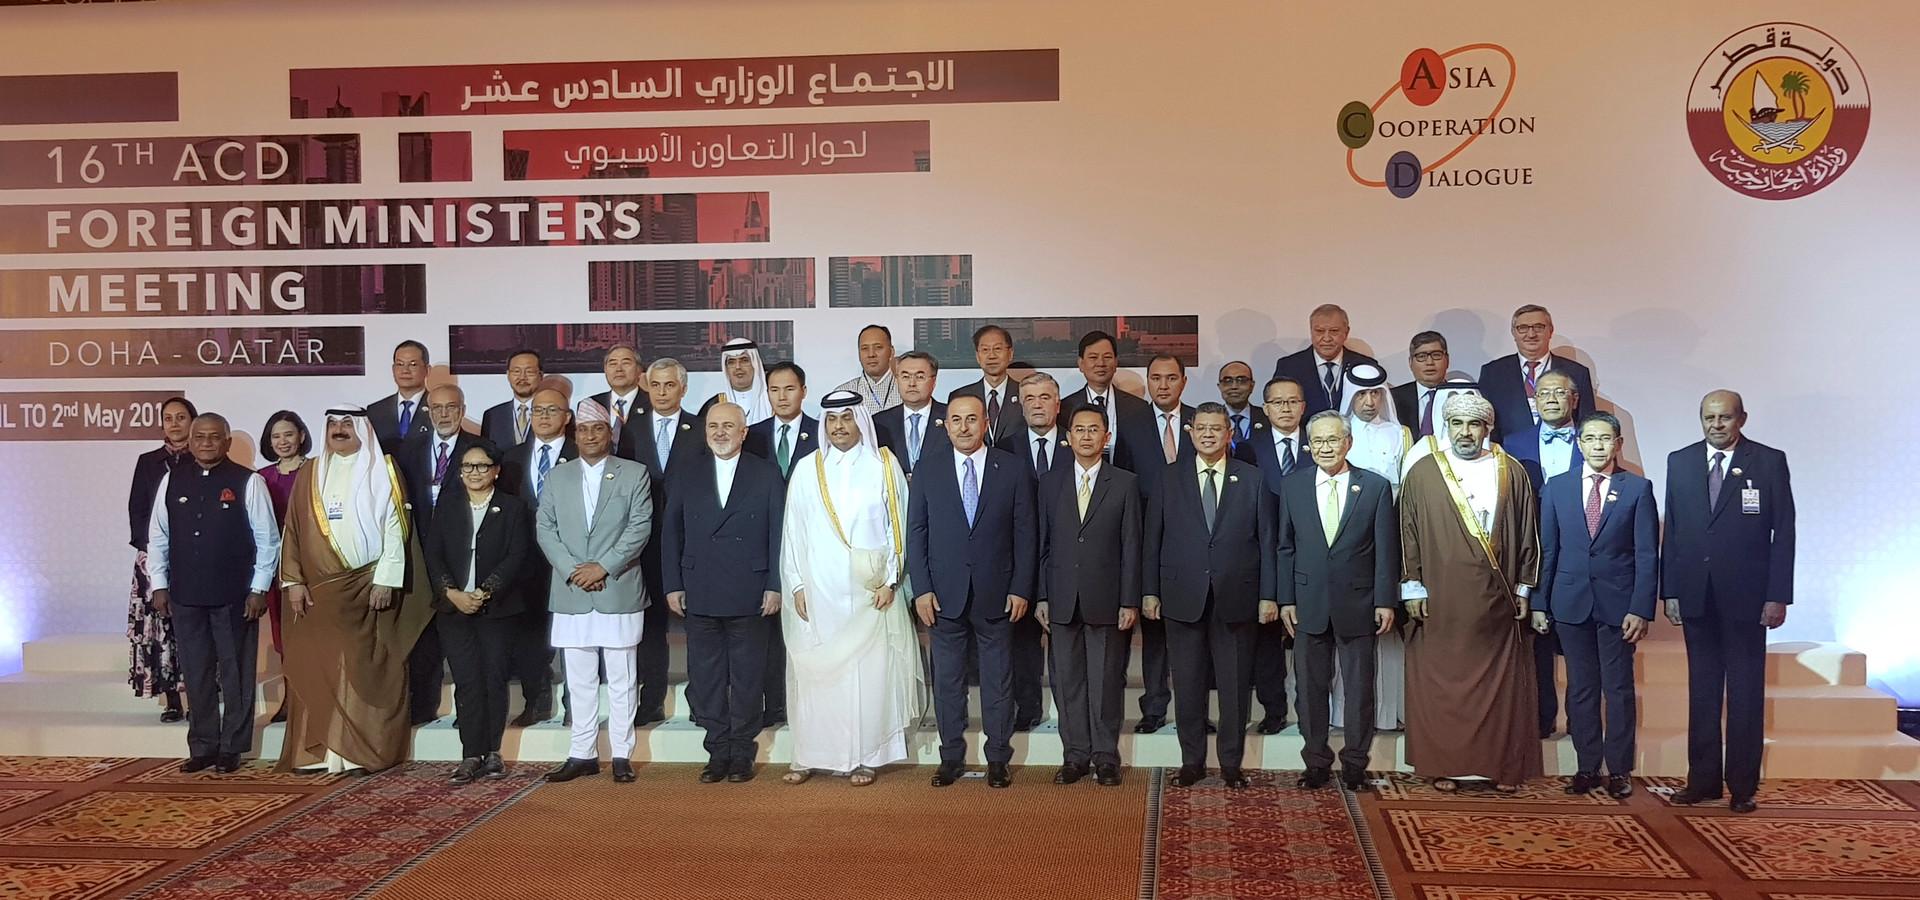 صورة جماعية للمشاركين في الاجتماع الوزاري لدول منظمة